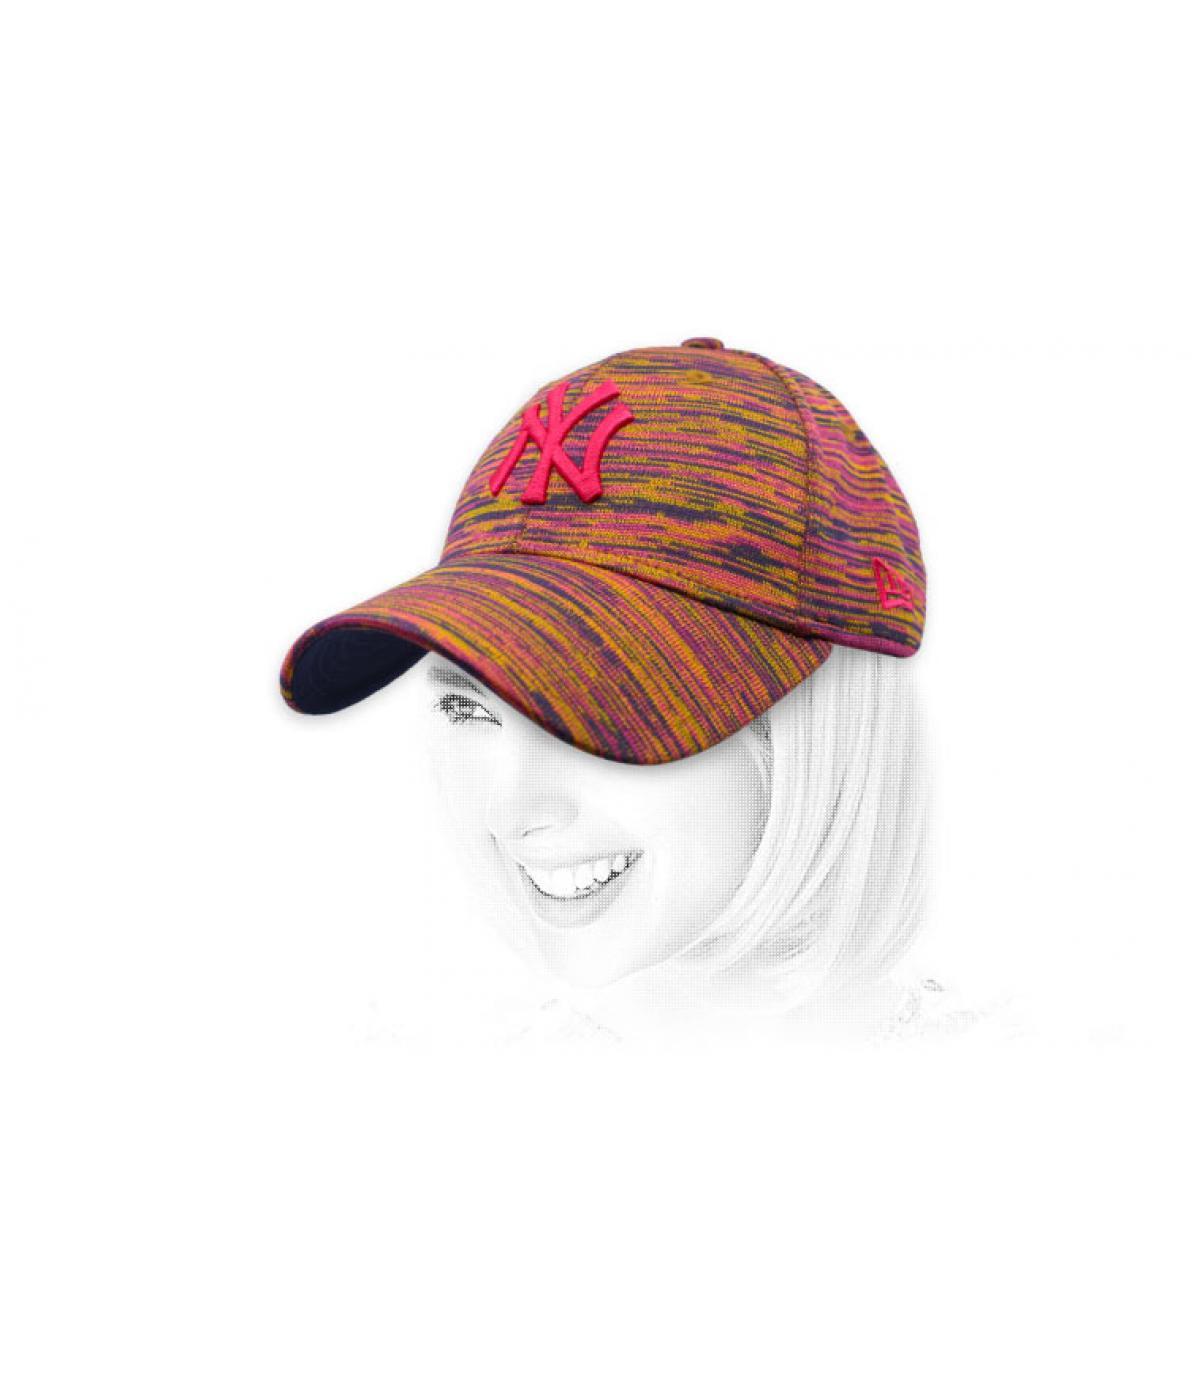 gorra NY mujer granate beis